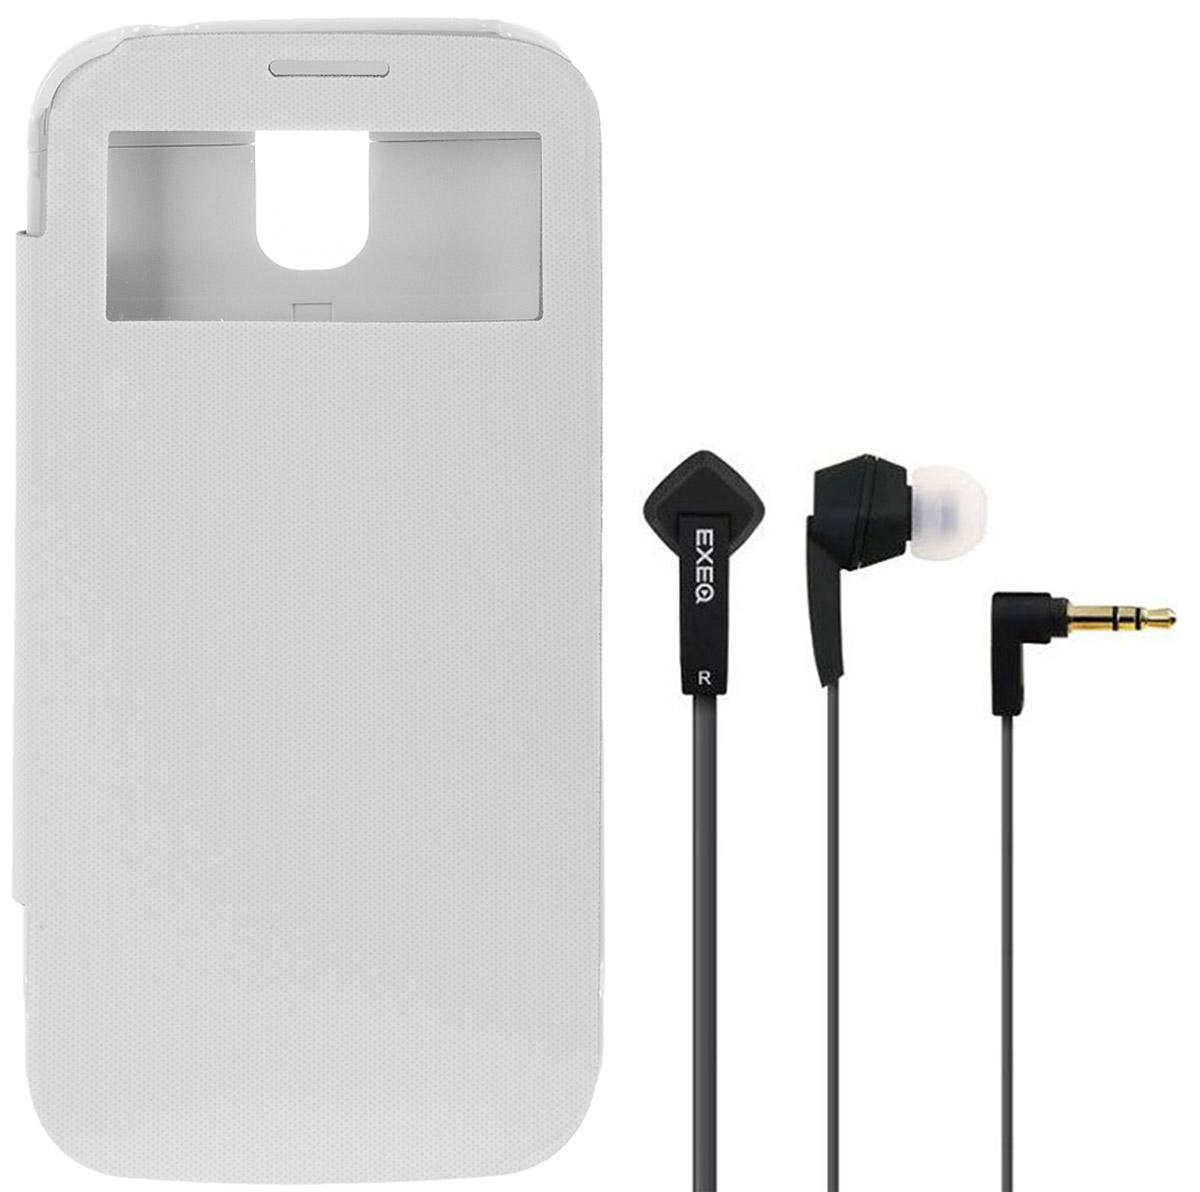 EXEQ HelpinG-SF07 чехол-аккумулятор для Samsung Galaxy S4, White (2600 мАч, Smart cover, флип-кейс)HelpinG-SF07 WHExeq HelpinG-SF07 - надежный аксессуар для Samsung Galaxy S4, удачно сочетающий в себе защитный пластиковый чехол и дополнительный аккумулятор! Exeq HelpinG-SF07 оборудован встроенным аккумулятором, который позволит повысить работоспособность Вашего смартфона практически вдвое. Специальная конструкция и лаконичный дизайн Exeq HelpinG-SF07 обеспечат надежную защиту смартфона от царапин, острых предметов и прочих внешних воздействий. А для защиты дисплея чехол оснащен не простой откидной крышкой, а Smart-cover - она не только надежно защитит дисплей от загрязнений, пыли и царапин, но позволит регулировать работу экрана.Компактные размеры чехла позволят удобно и быстро поместить смартфон в чехол, а также совсем незначительно увеличат размеры и вес самого смартфона. Exeq HelpinG- SF07 станет просто великолепным аксессуаром для активных пользователей Samsung Galaxy S4, а также для тех, кто много времени проводит в дороге или собирается на отдых.Зарядка чехла-аккумулятора происходит от зарядного устройства телефона в течение 3,25 часа, при этом аппарат из чехла доставать не нужно. Достаточно просто подсоединить зарядное к чехлу и зарядка начнется автоматически. Для зарядки телефона необходимо подсоединить зарядное устройство к чехлу и нажать на кнопку питания на чехле.В комплект также входят высококачественные наушники Exeq HPC-002 с плоским кабелем с защитой от спутывания. Для блокировки нежелательных шумов в комплекте с наушниками поставляются мягкие силиконовые амбушюры 3-х размеров, которые удобно помещаются в ушах и не оказывают давления на ушную раковину. Прочный L-образный штекер с позолоченным коннектором 3,5 мм позволит комфортно подключить Exeq HPC-002 ко многим портативным устройствам.Технические характеристики Exeq HPC-002:Частотный диапазон: 19-20000 ГцДинамики: 10 ммЧувствительность: 105 дБИмпеданс: 16 Ом